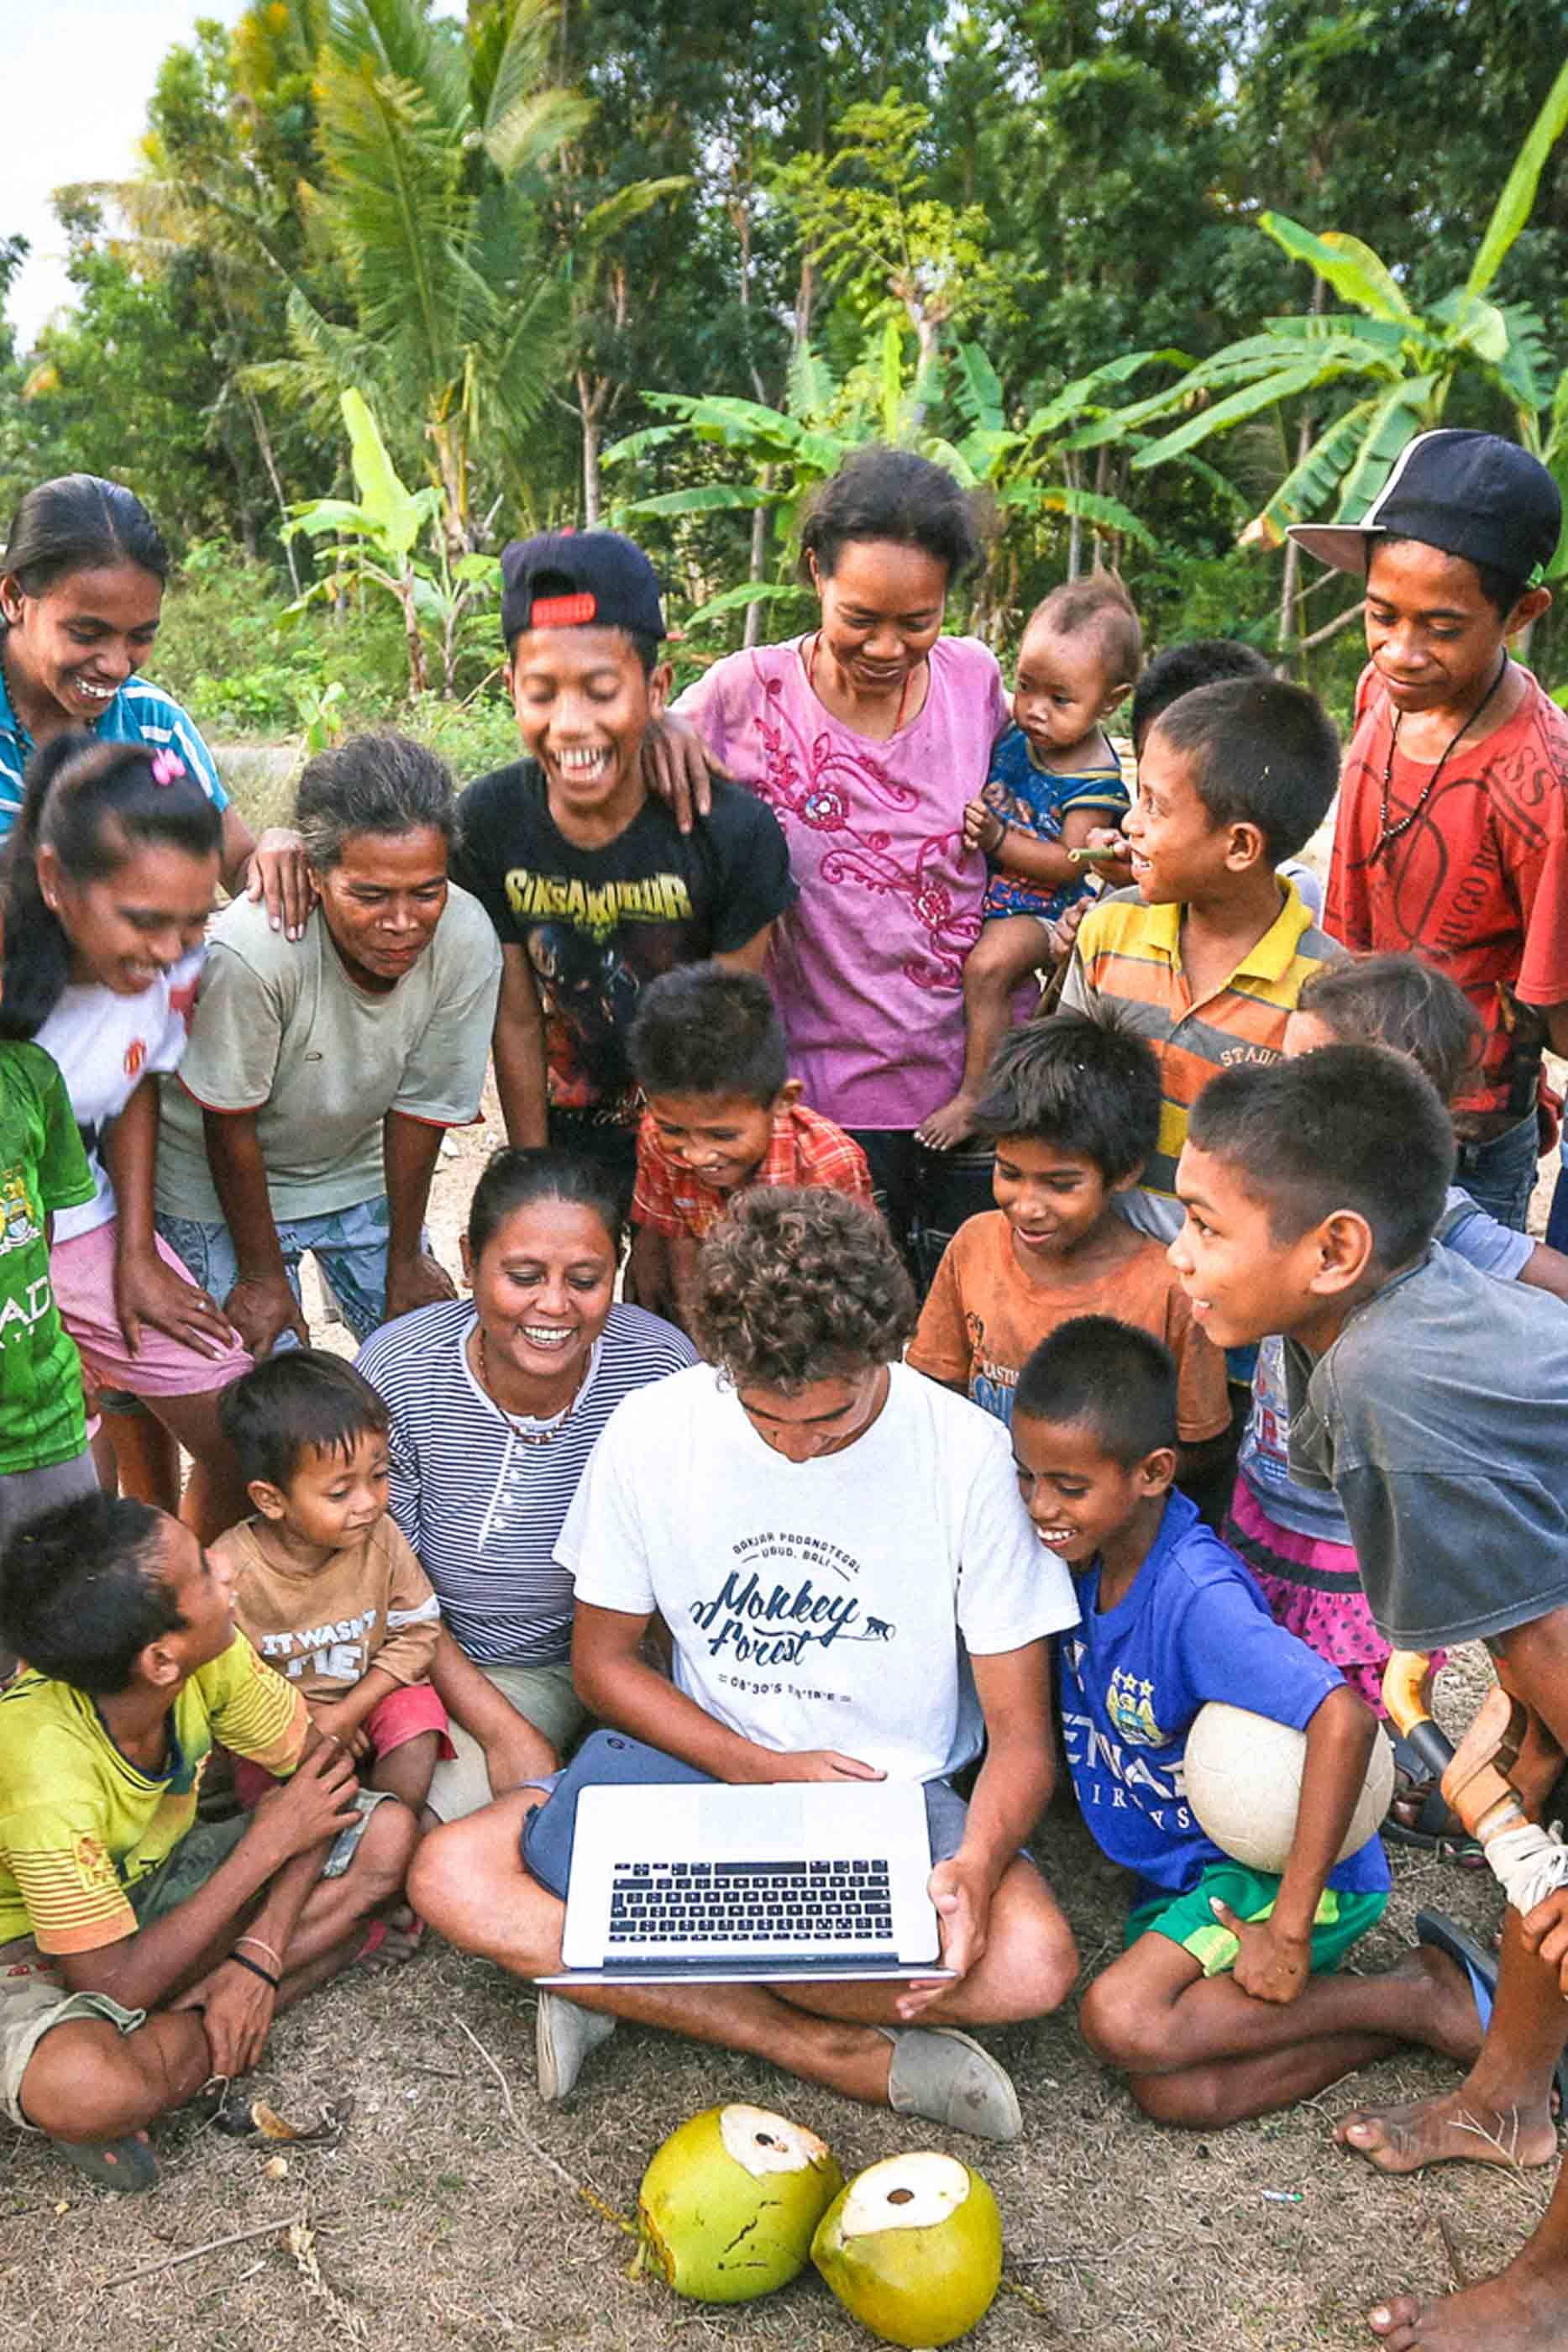 No centro, rapaz com um computador, rodeado por jovens e adultos que observam o computador e riem. À frente, dois côcos, no fundo, árvores.